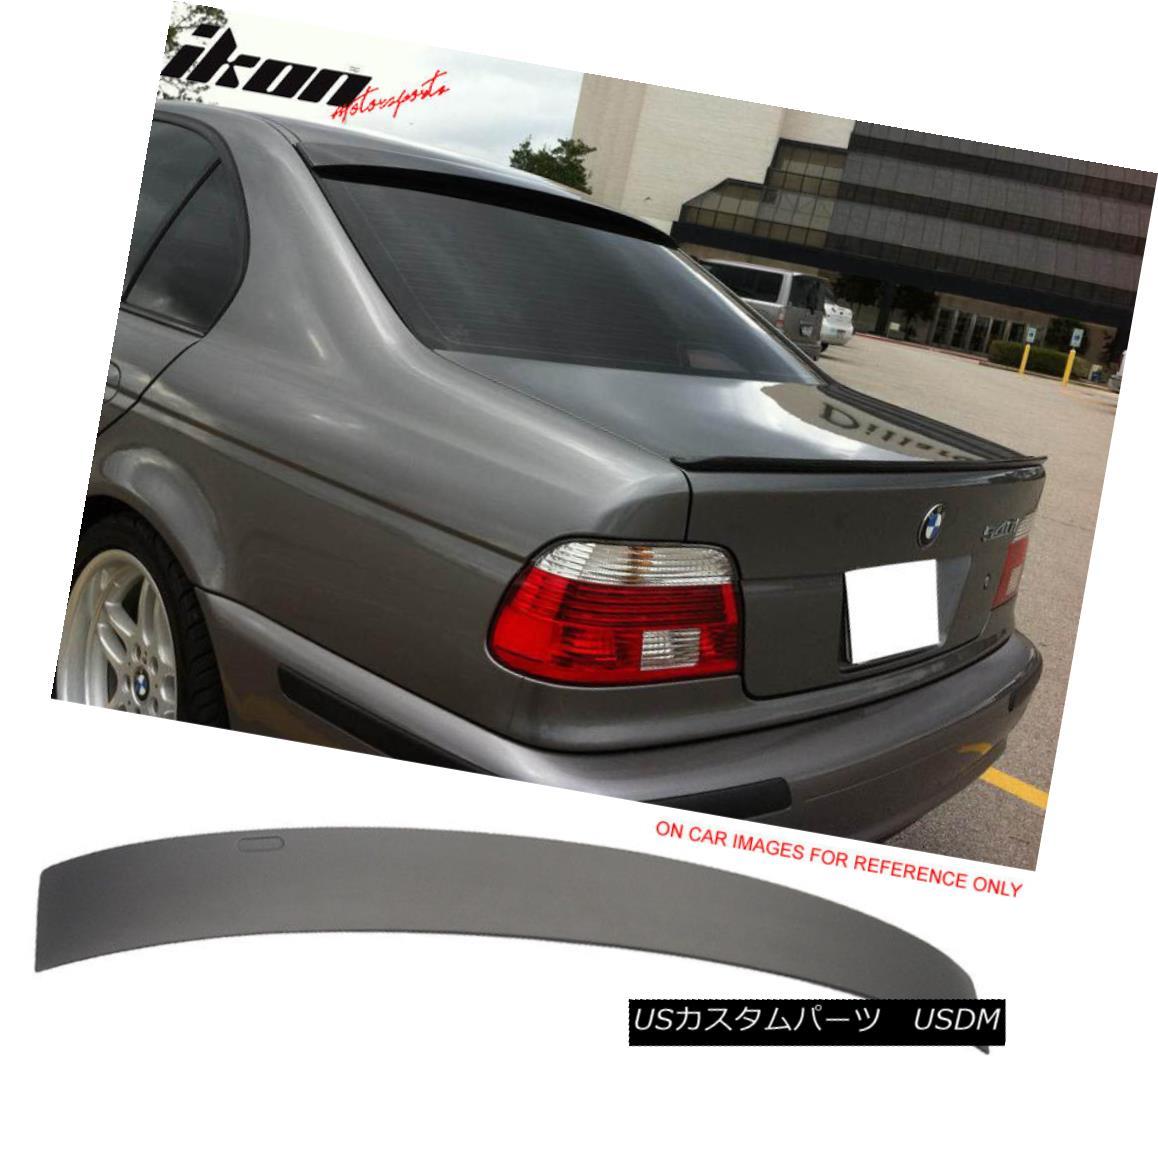 エアロパーツ Fits 96-03 BMW E39 5 Series AC Style Painted Matte Black Roof Spoiler Wing フィット96?03 BMW E39 5シリーズACスタイル塗装マットブラックルーフスポイラーウィング